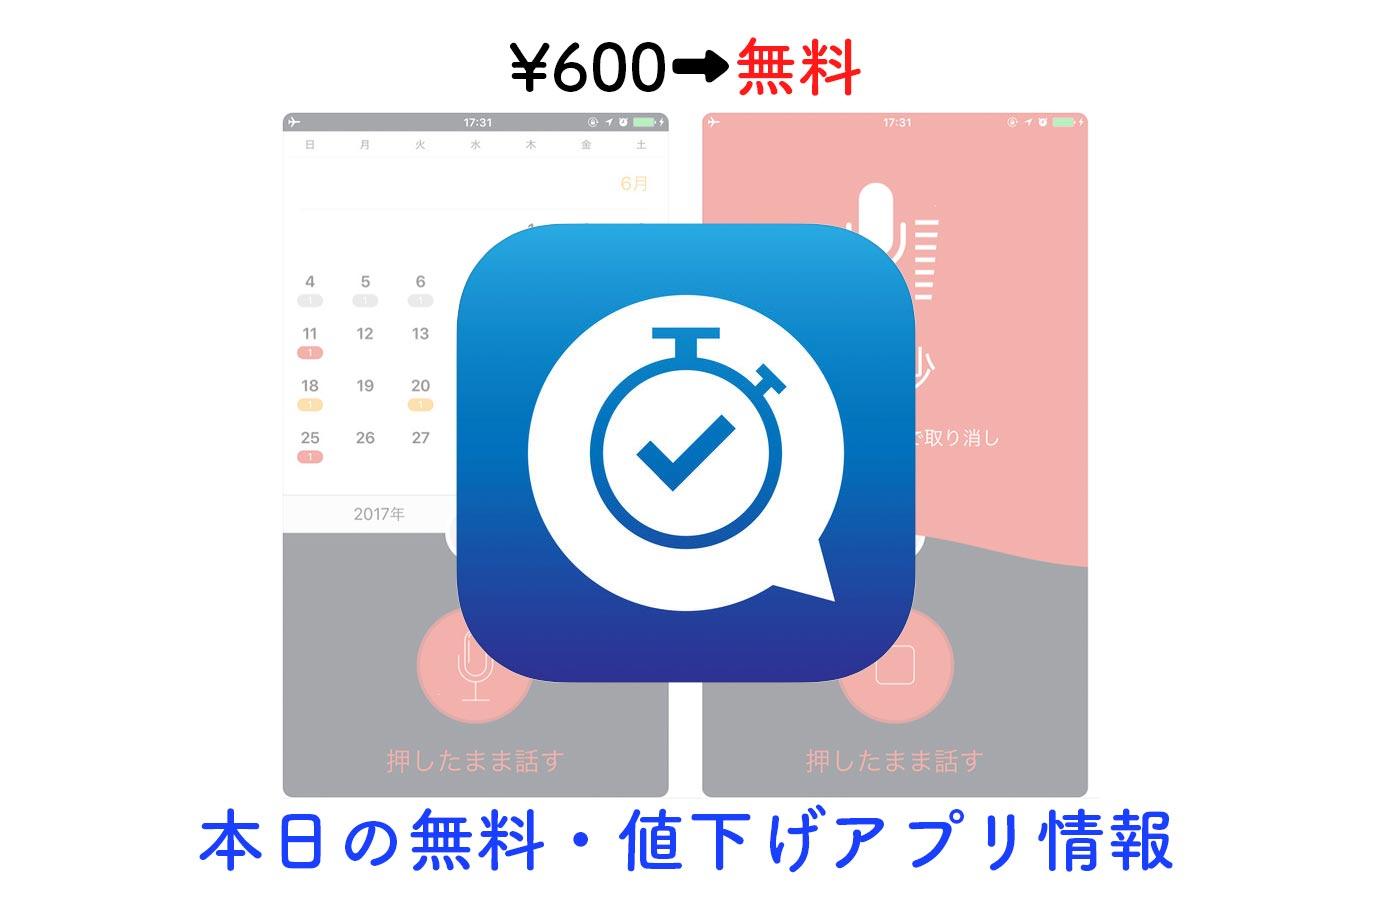 600円→無料、声をリマインダーとして録音できる「タスク - リマインダー PRO」など【4/23】セールアプリ情報